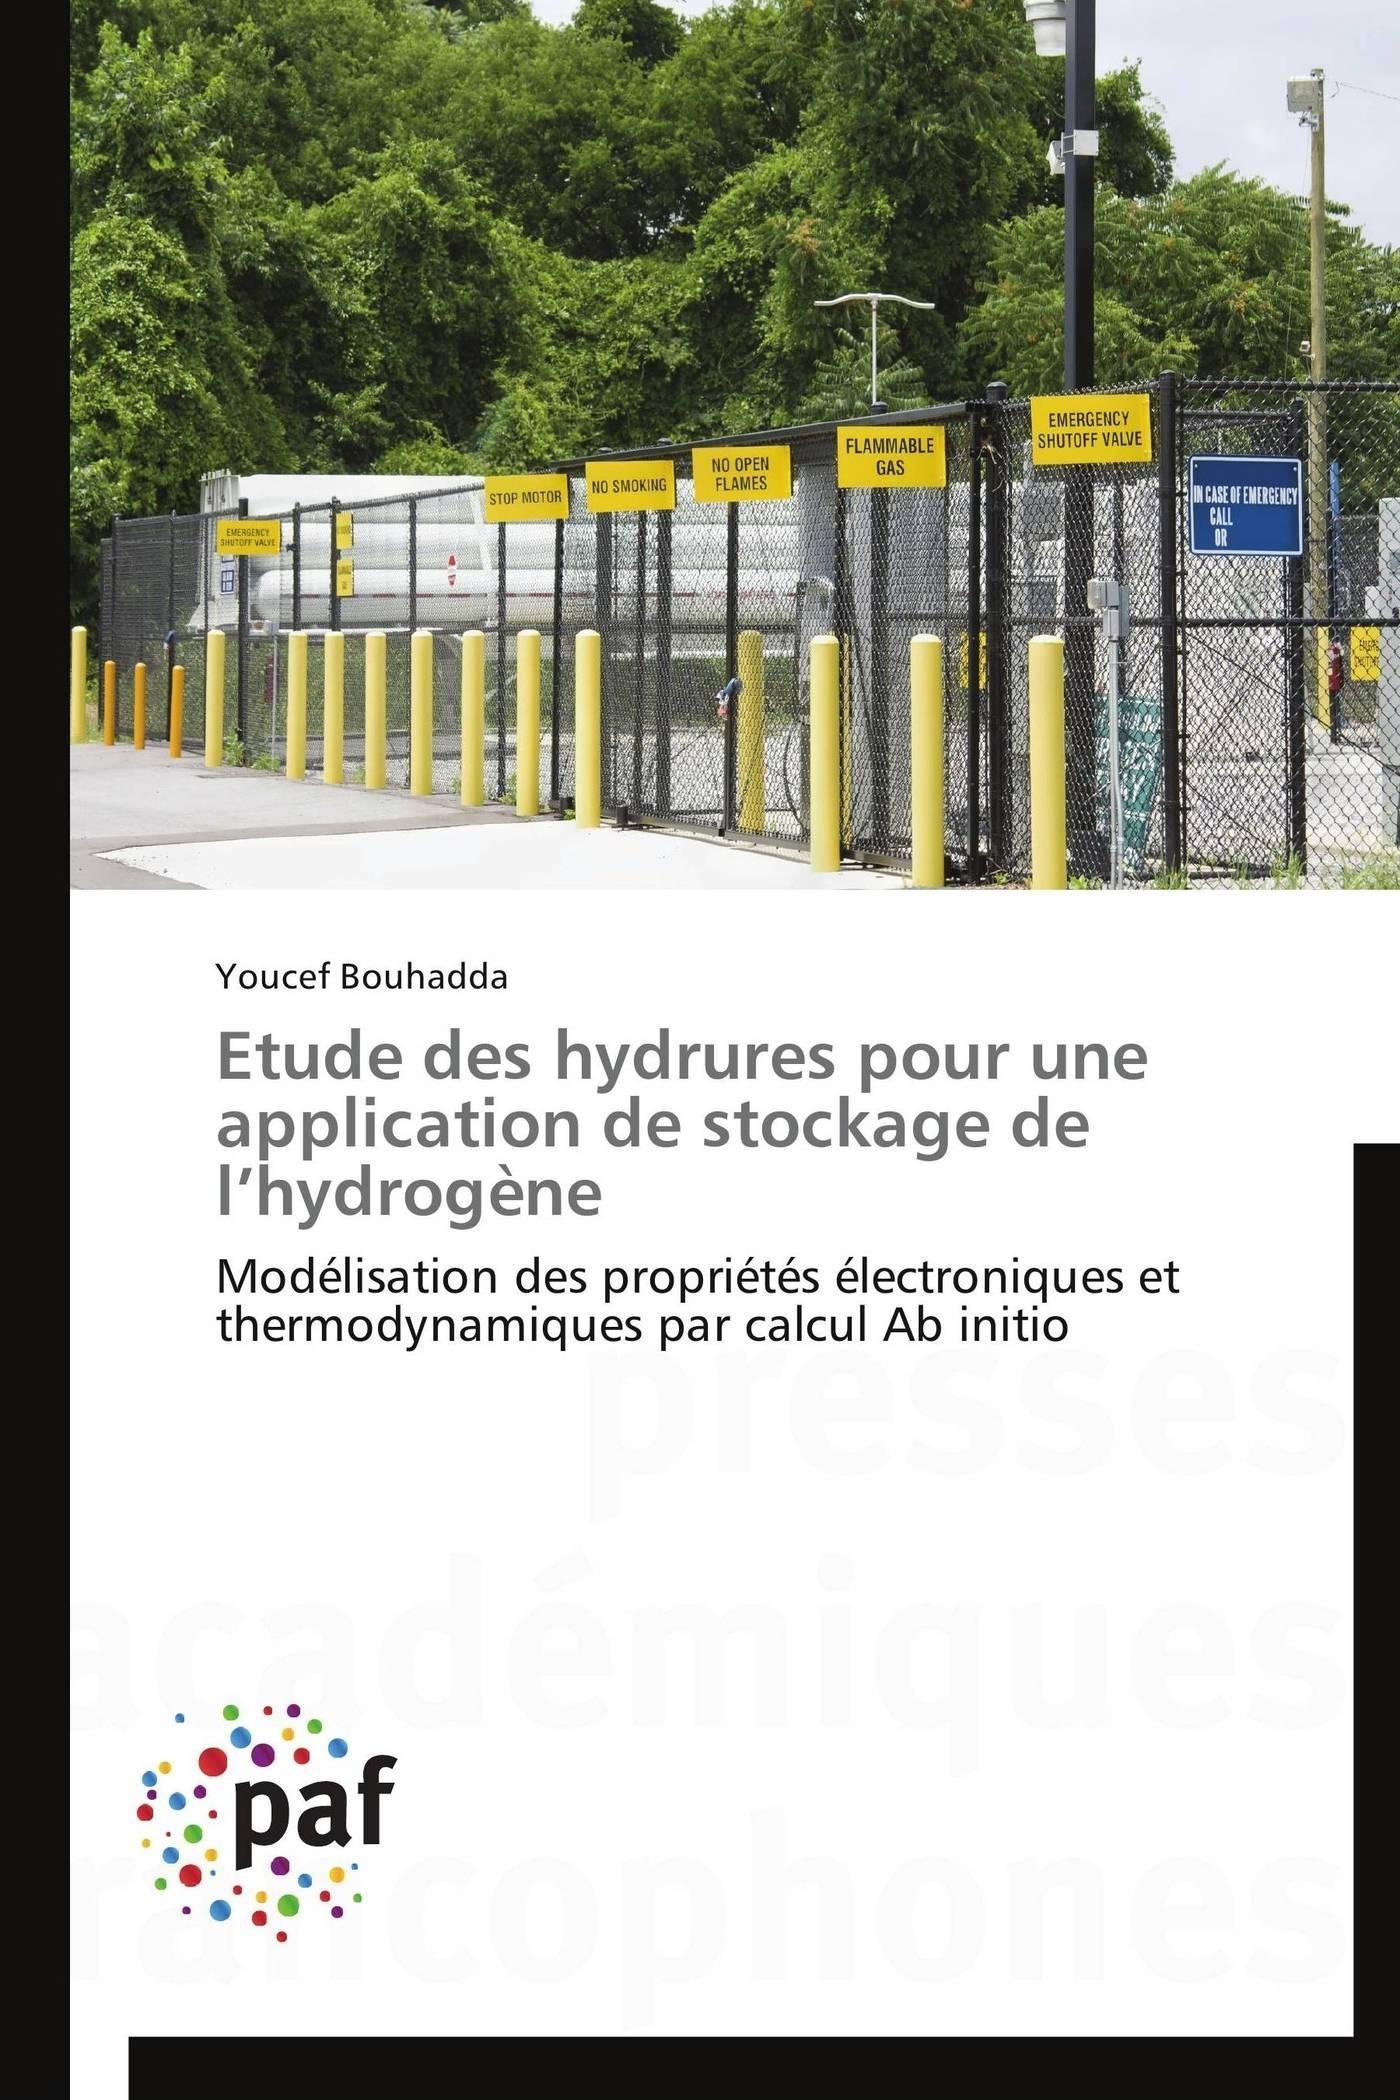 ETUDE DES HYDRURES POUR UNE APPLICATION DE STOCKAGE DE L HYDROGENE